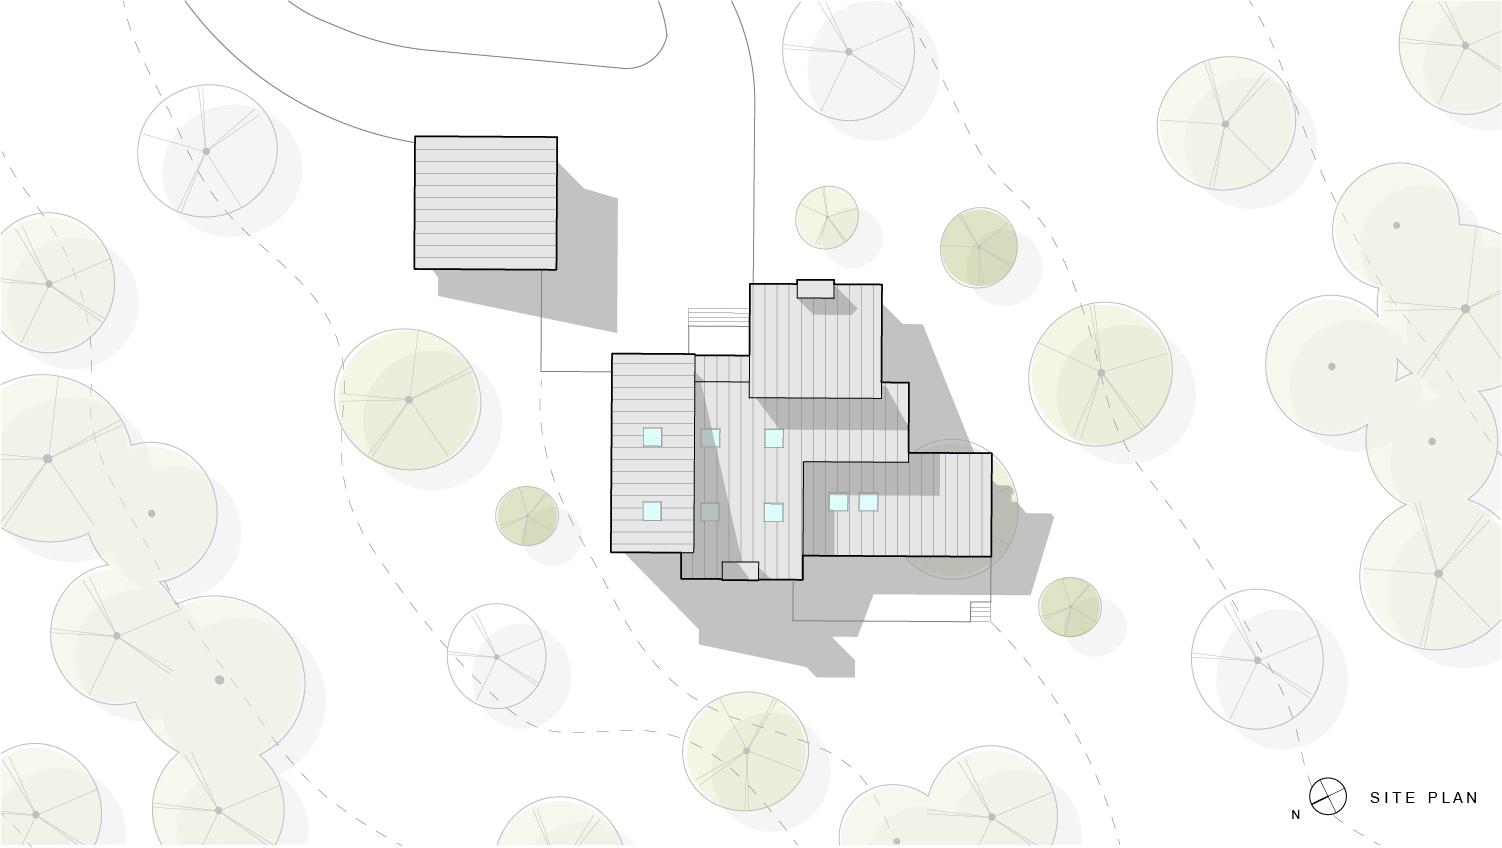 loughnane-site-plan